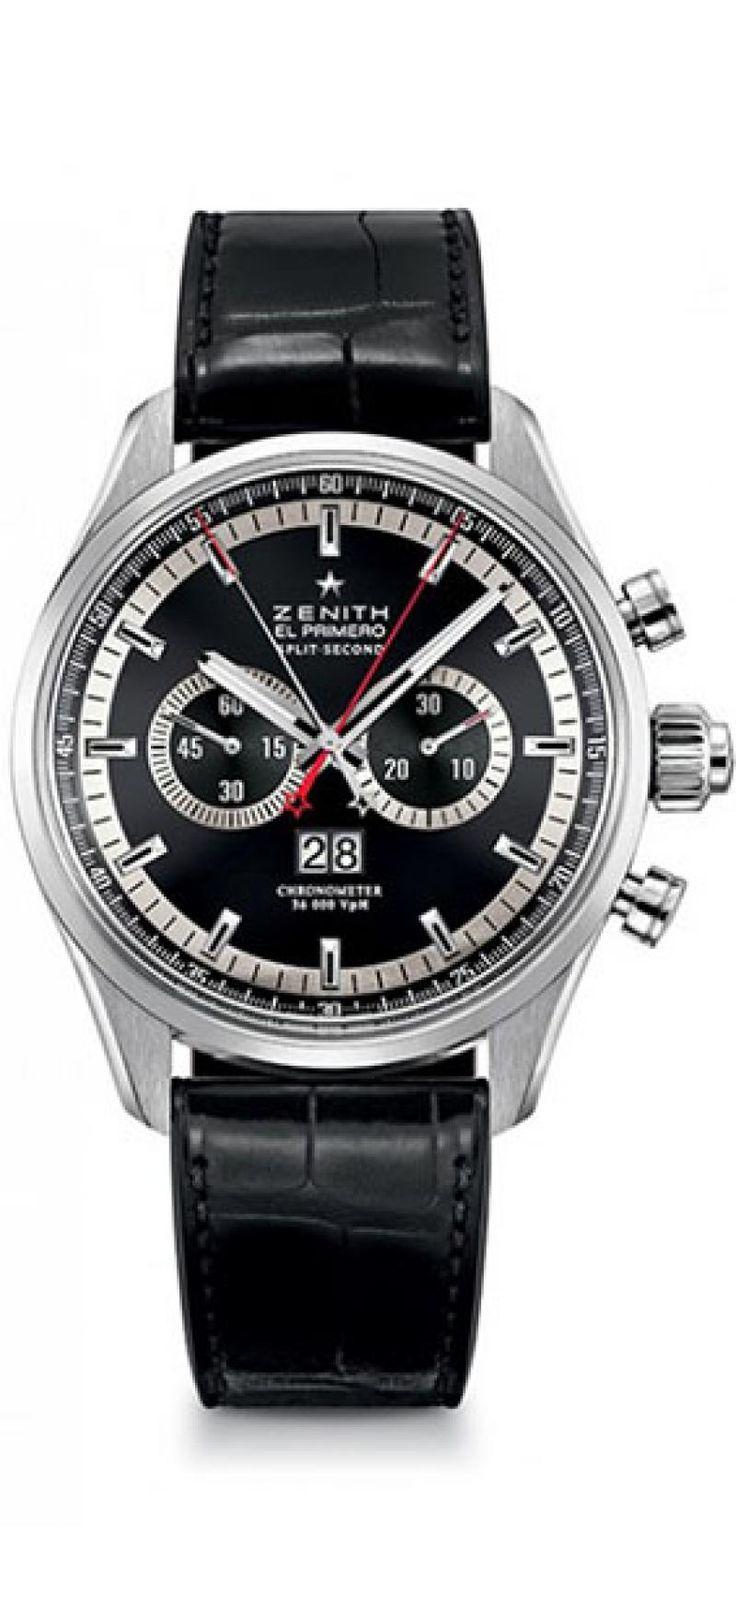 Zenith 03.2050.4026-91.C714 El Primero RATTRAPANTE - черные - швейцарские мужские наручные часы